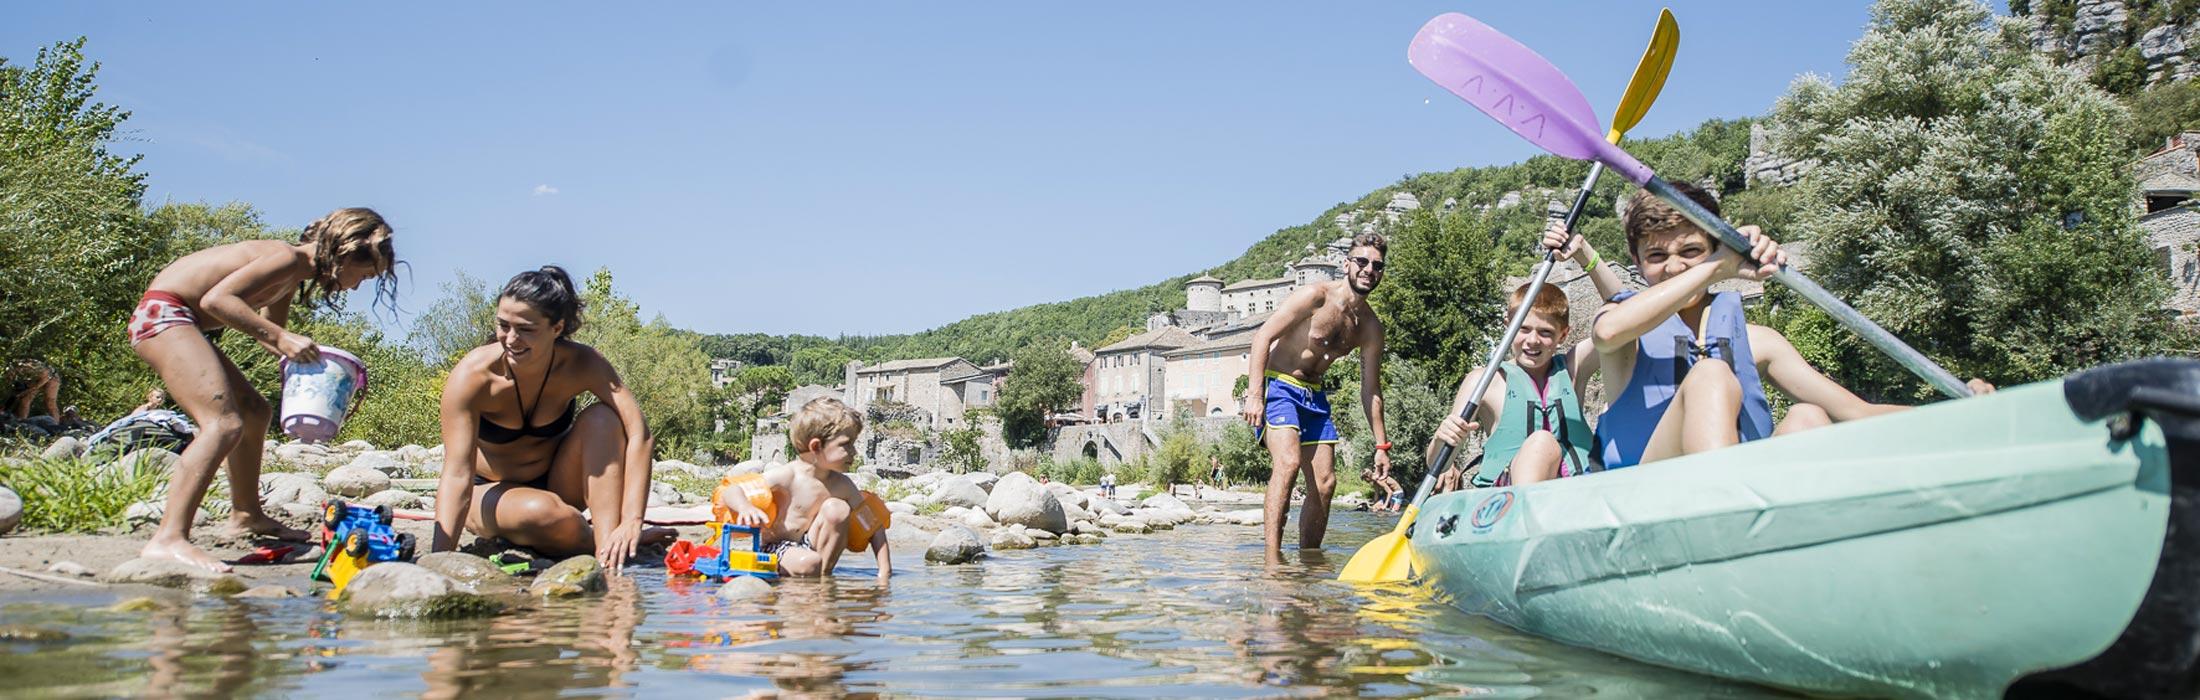 Village vacances famille Ardèche